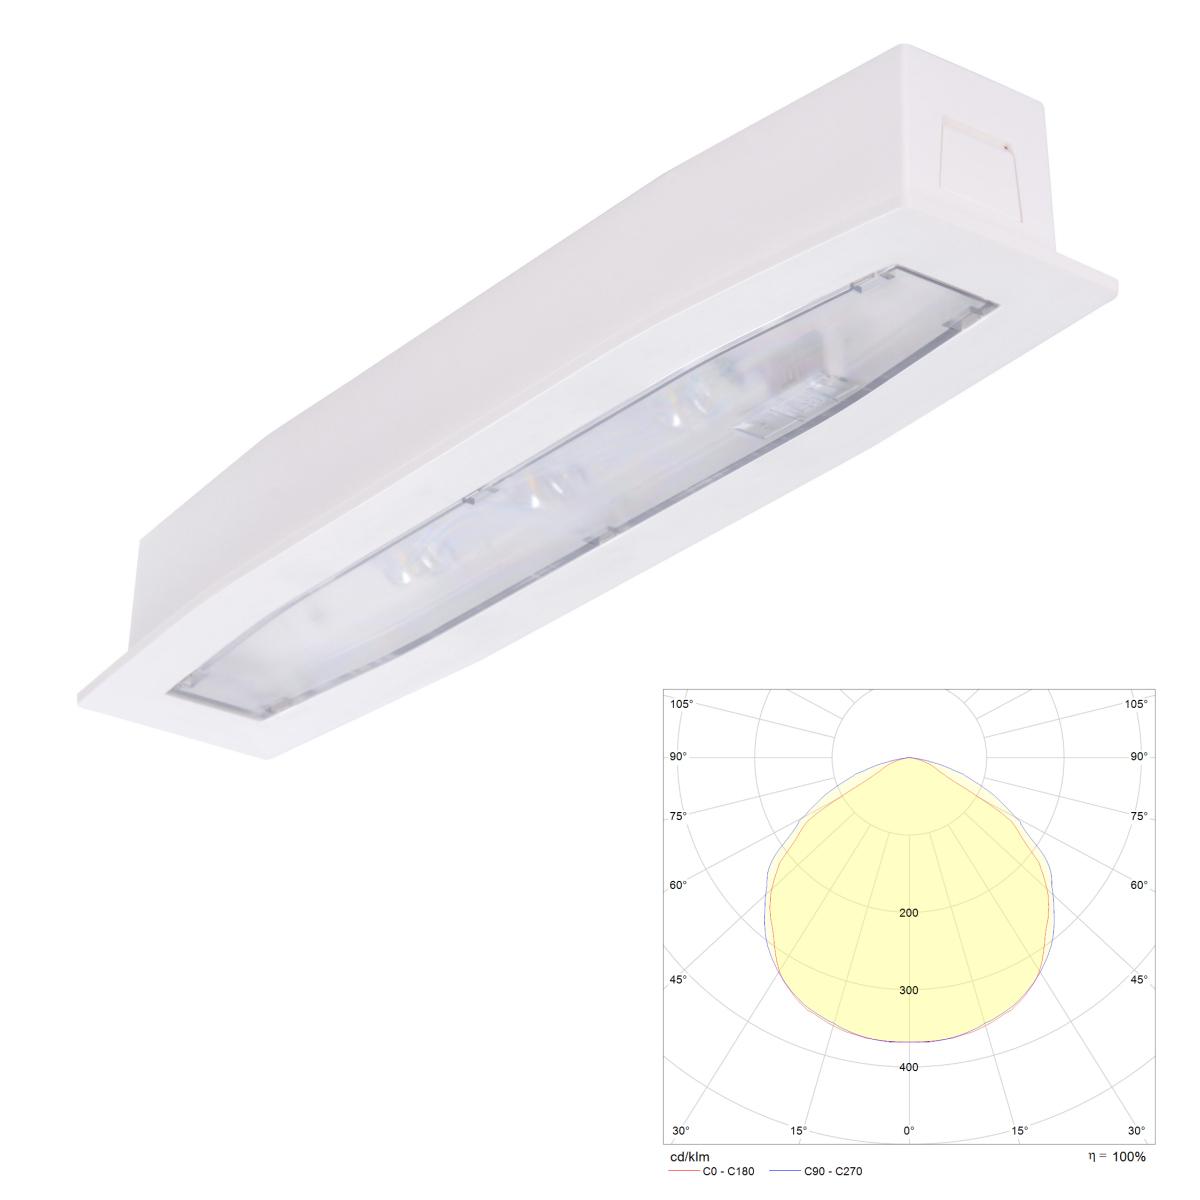 Встраиваемый светодиодный аварийный светильник Suprema LED SO PT IP54 Intelight – внешний вид